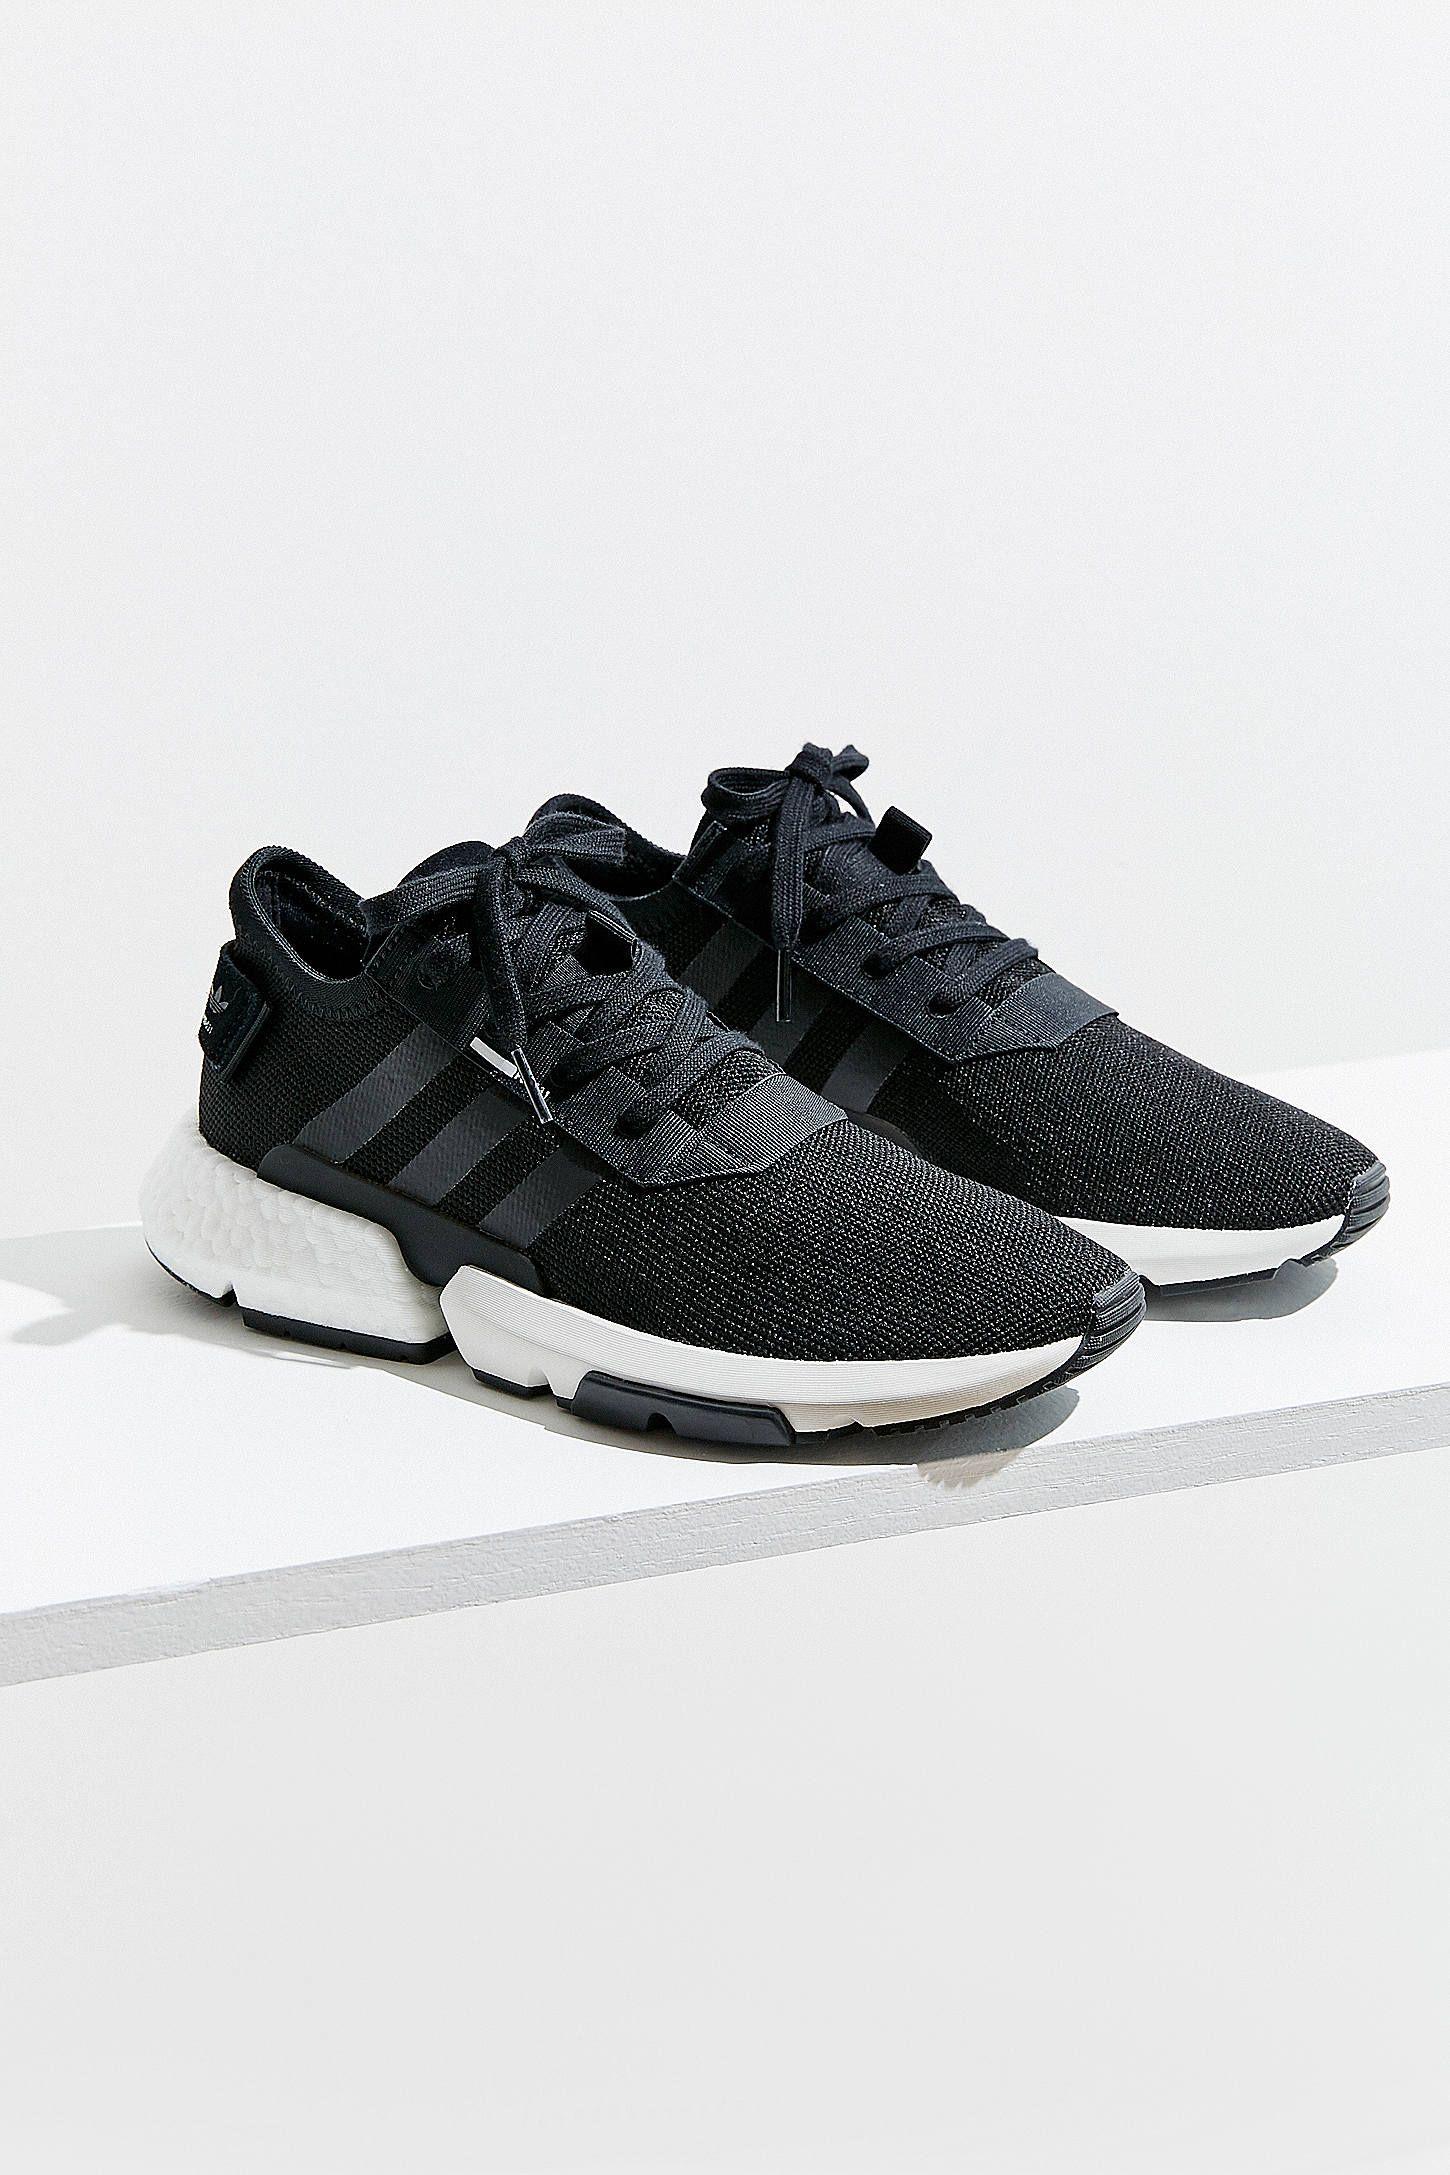 1559029ca4c7a4 adidas Originals P.O.D.-S3.1 Sneaker